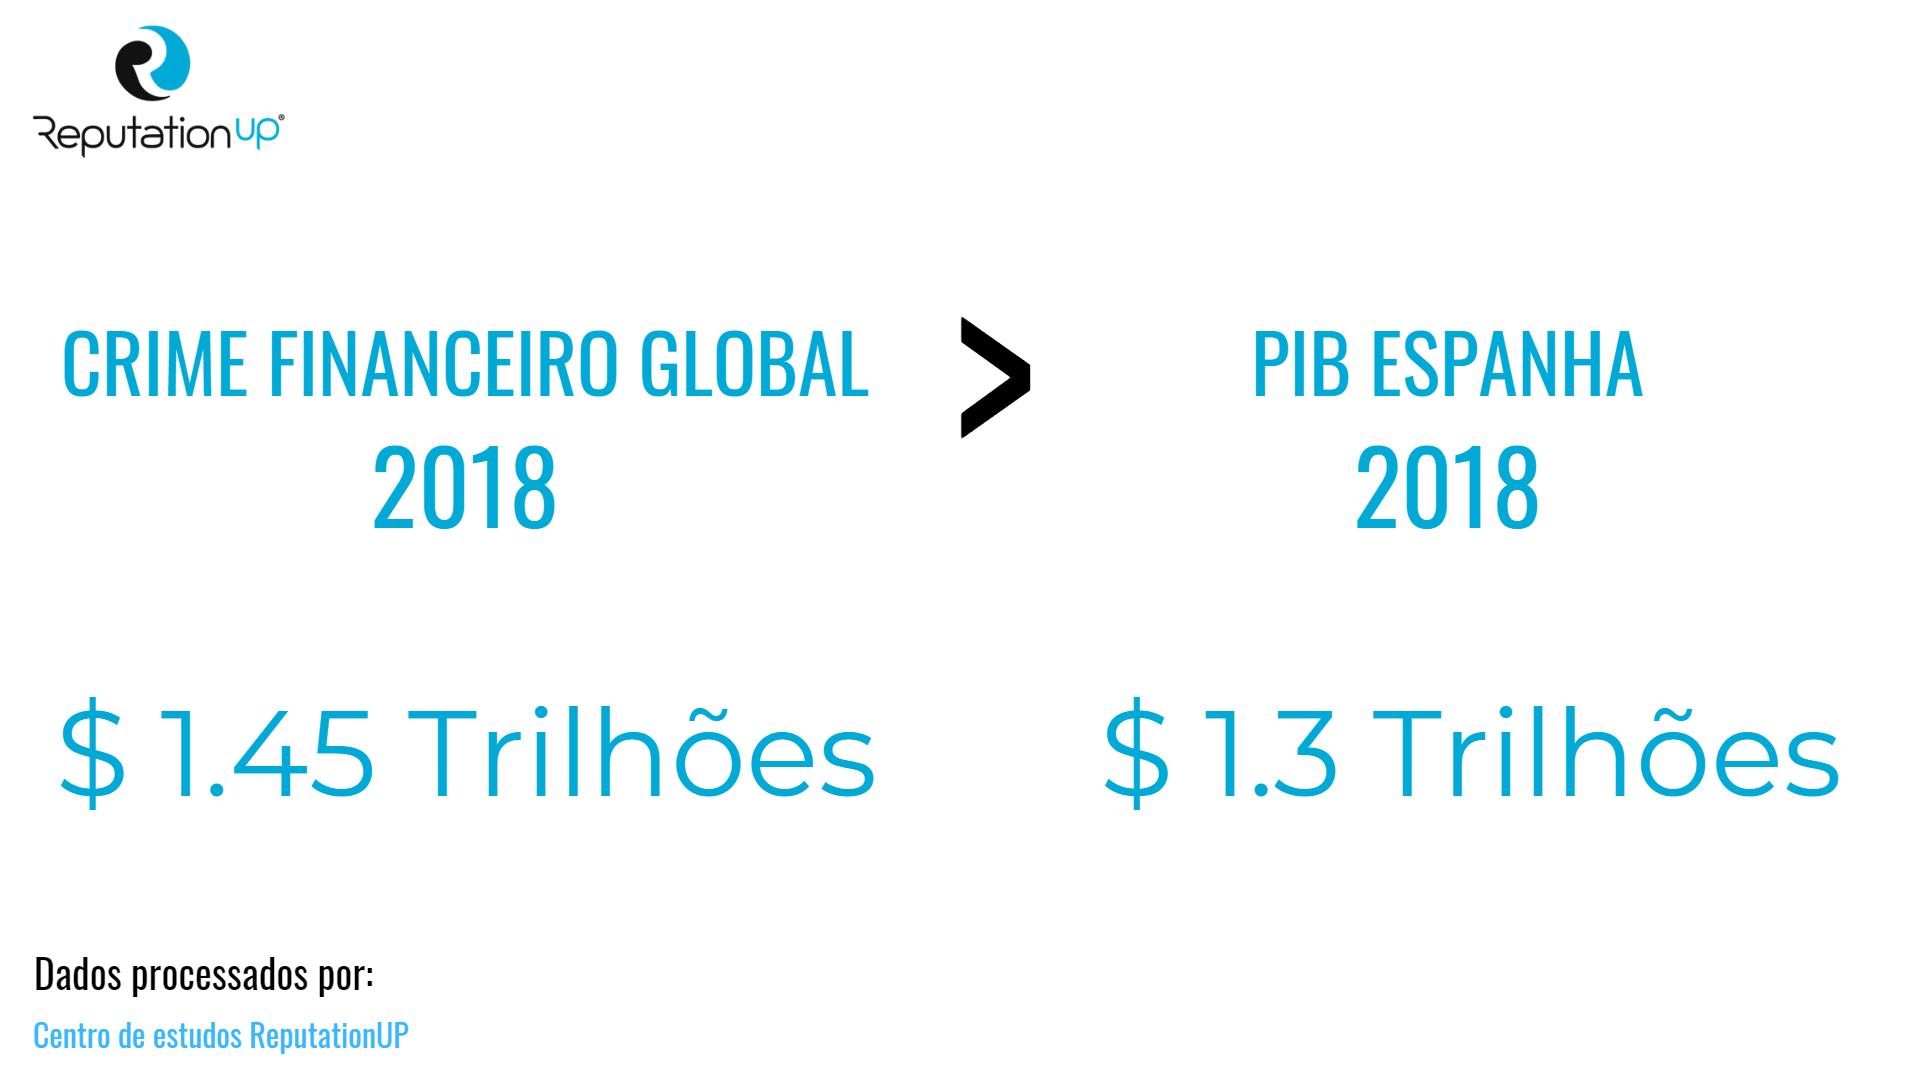 crime finaneiro global maior que pib espanha Centro de estudos reputationup